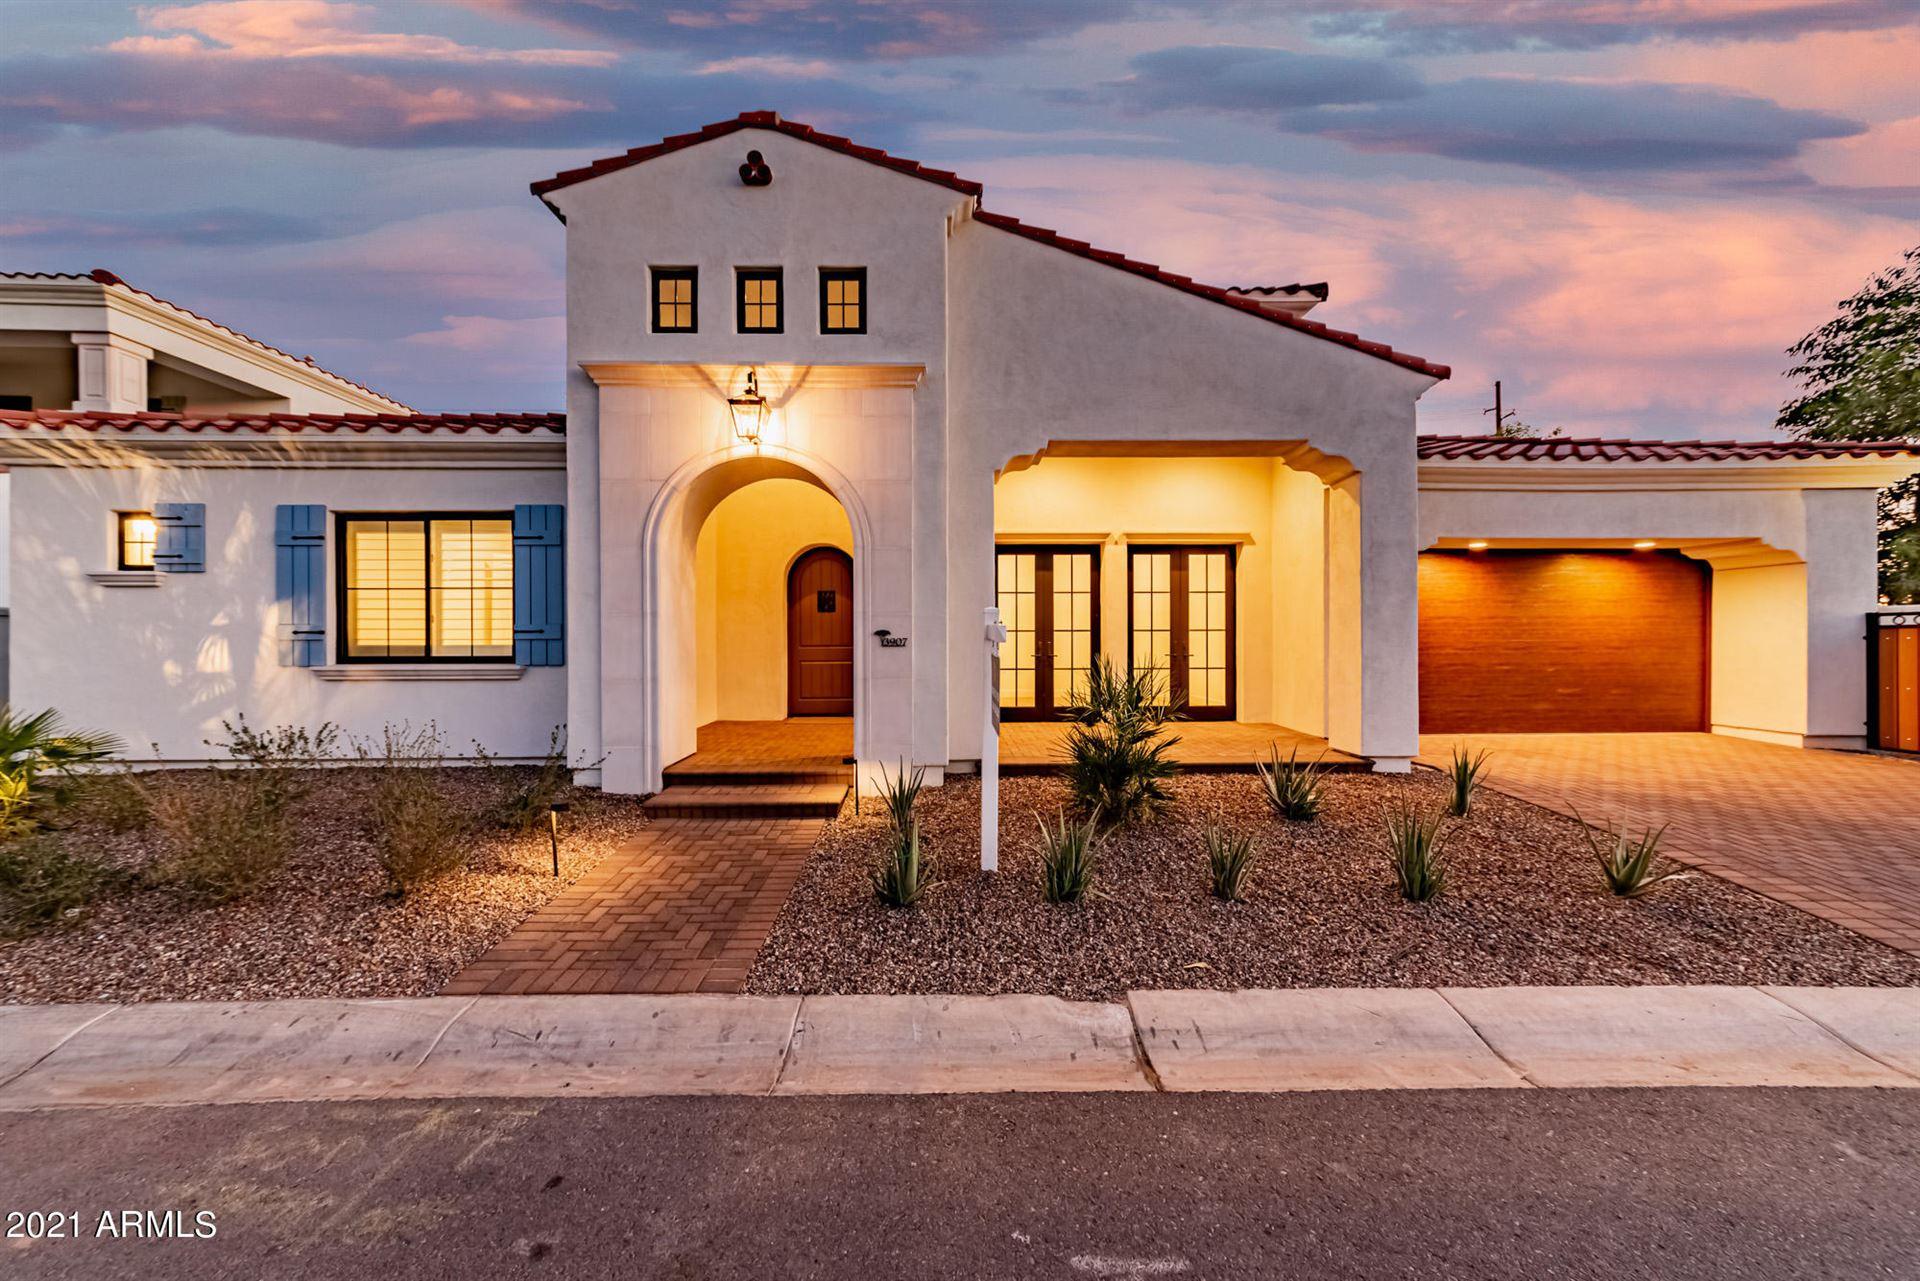 3907 E SHEILA Lane, Phoenix, AZ 85018 - MLS#: 6173244